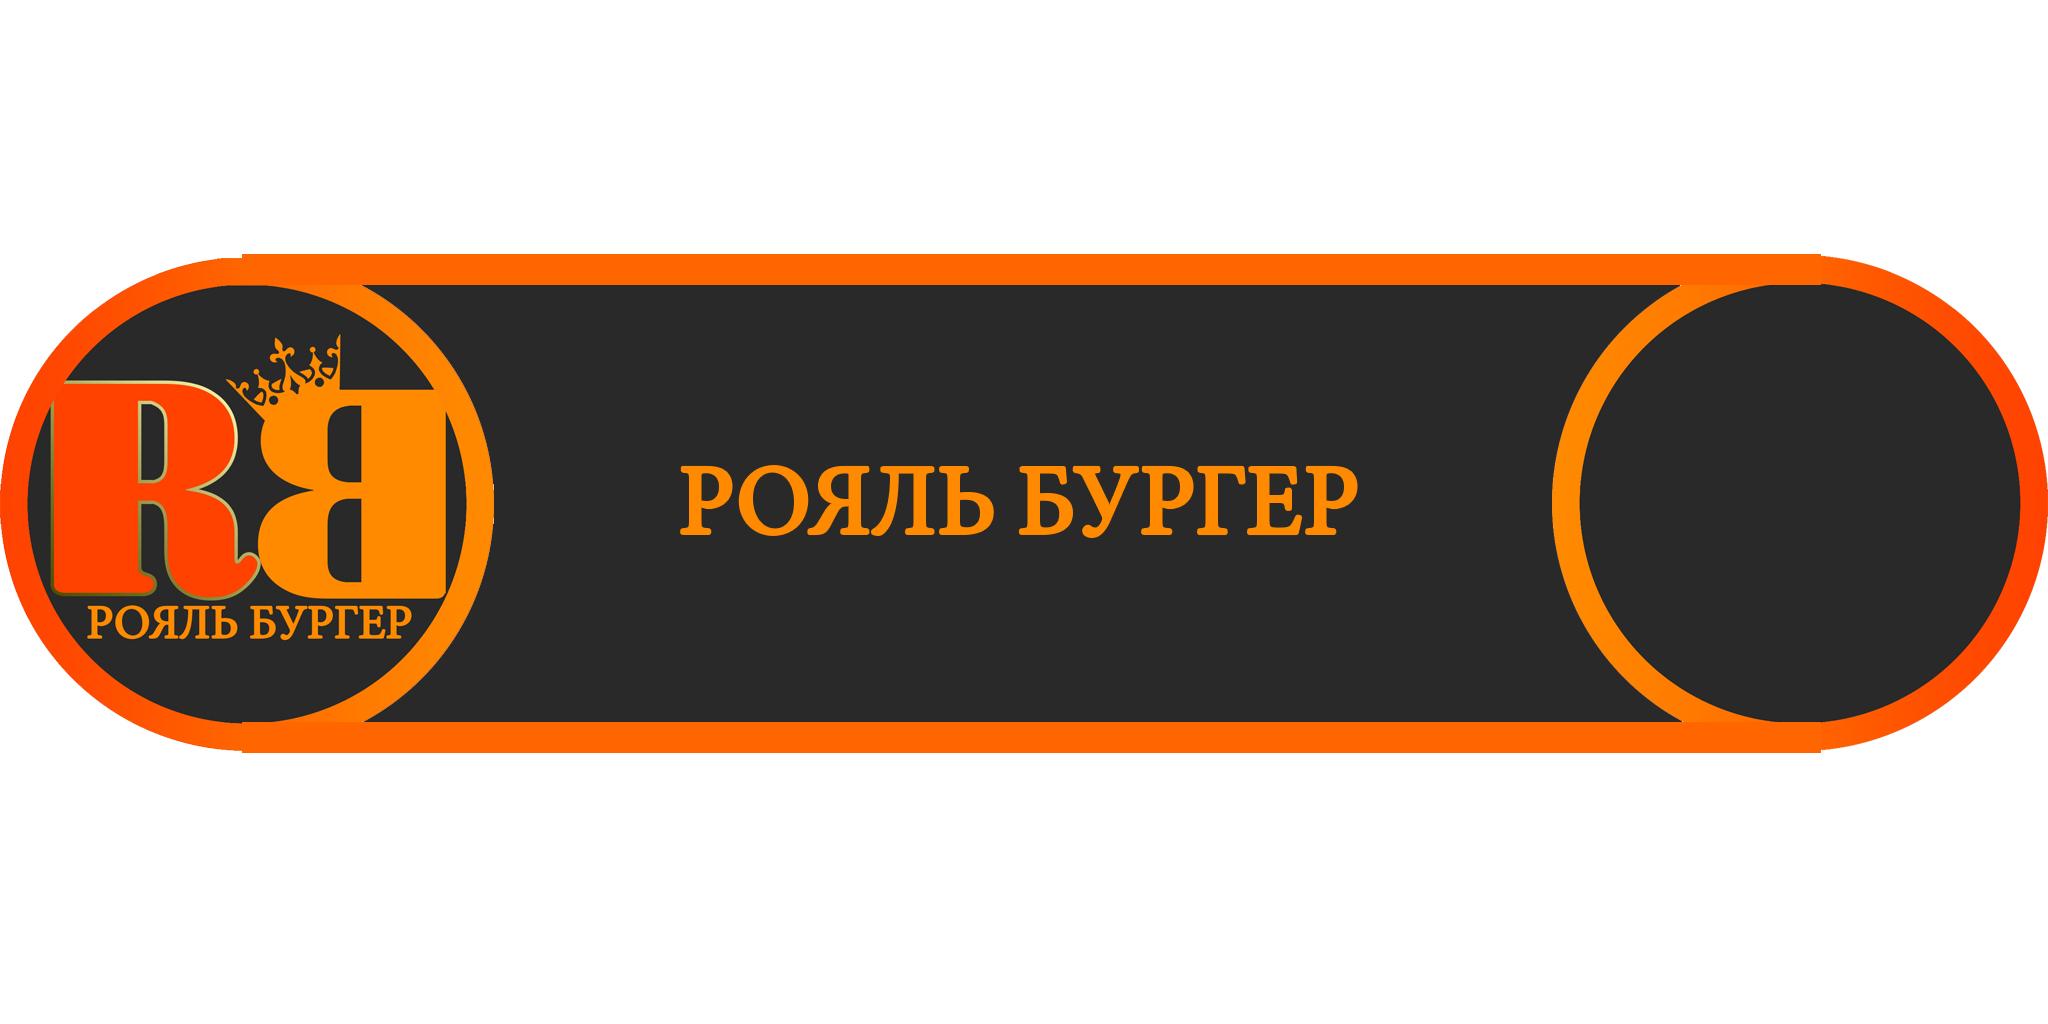 Обновление логотипа фото f_73259a692d9c6960.jpg